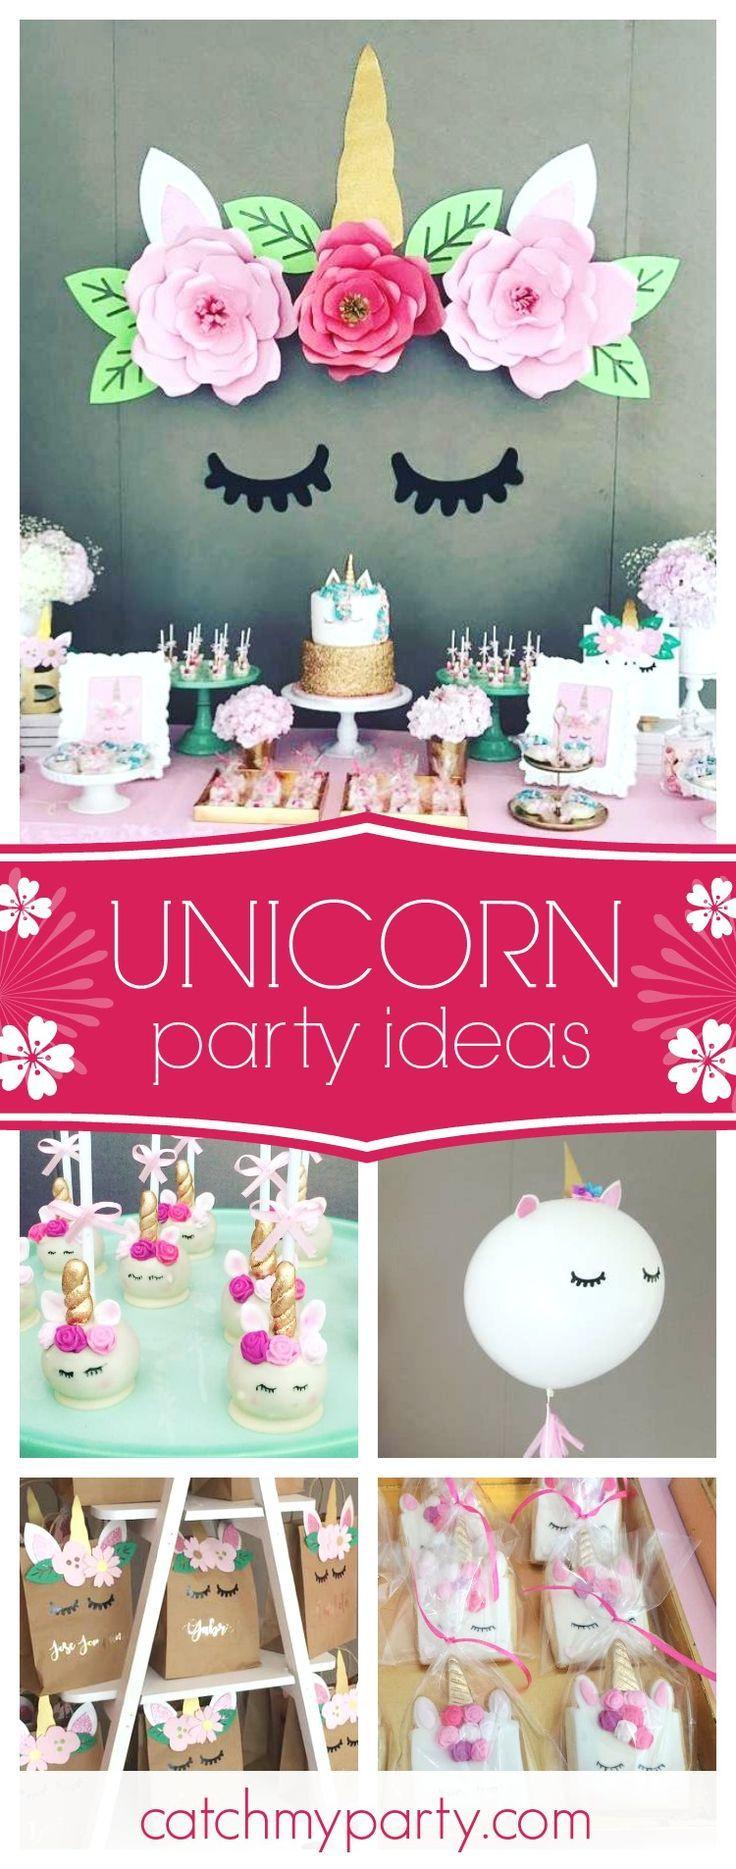 Unicorn Themed Party Ideas  Best 25 Unicorn birthday parties ideas on Pinterest